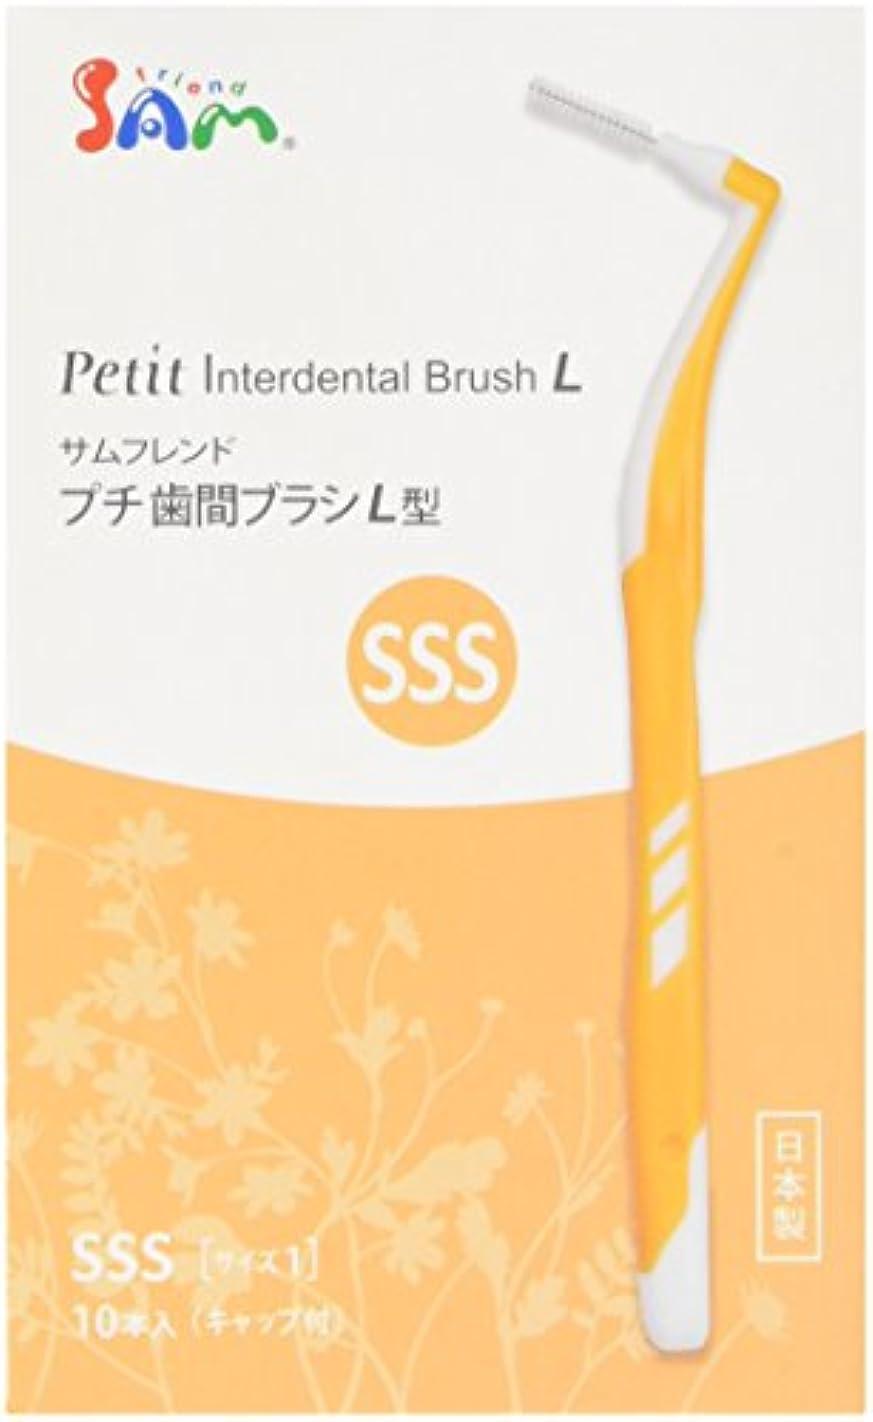 サムプチ歯間ブラシL型SSS 10本入り 【3本セット】